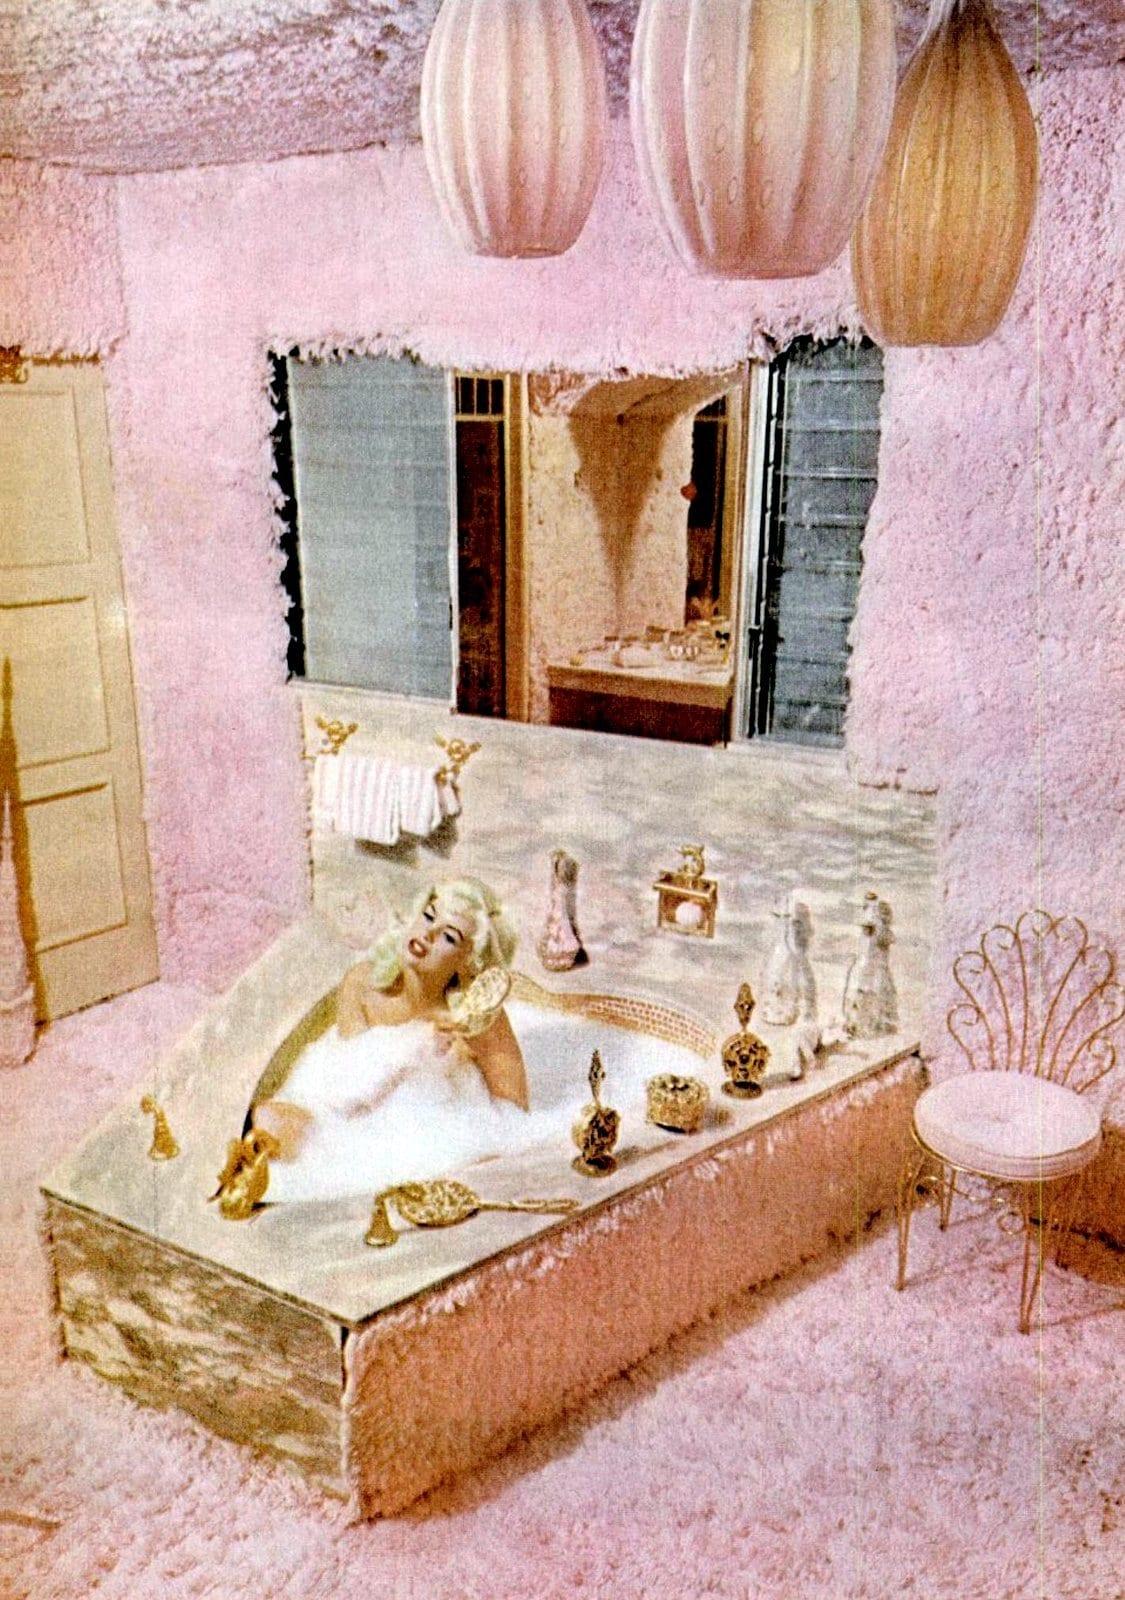 Vintage pink bathrooms - Jayne Mansfield